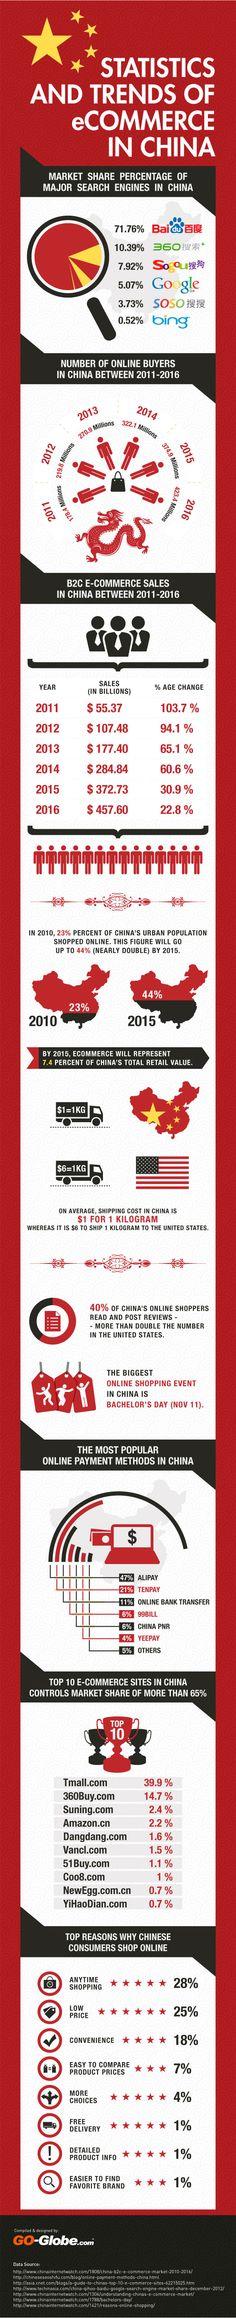 중국의 E-커머스 통계와 경향(  E-commerce In China - Statistics and Trends) - 최근 중국은 5억64백만이 인터넷을 사용하고 있고, 한 달에 4백만의 비율로 인터넷사용자가 늘고 있다.  중국과 관련된 수치를 ~~.